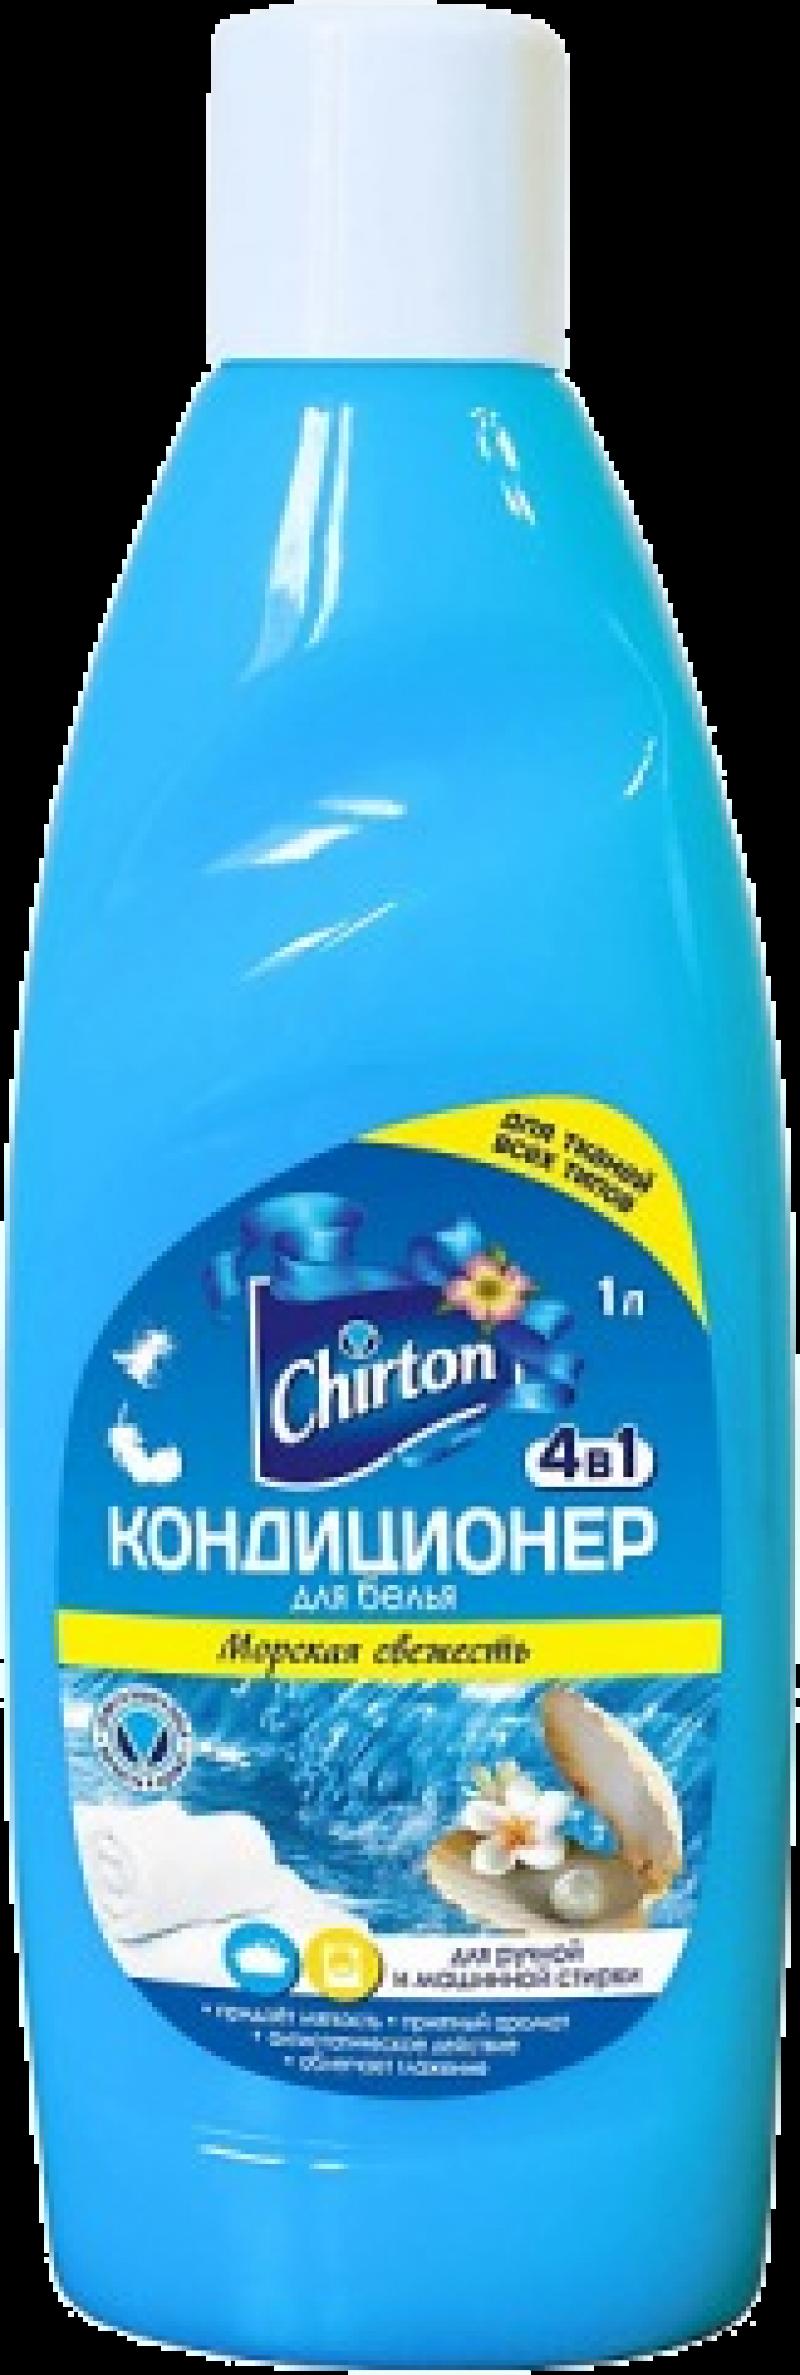 Кондиционер ТМ Chirton Морская свежесть 1л